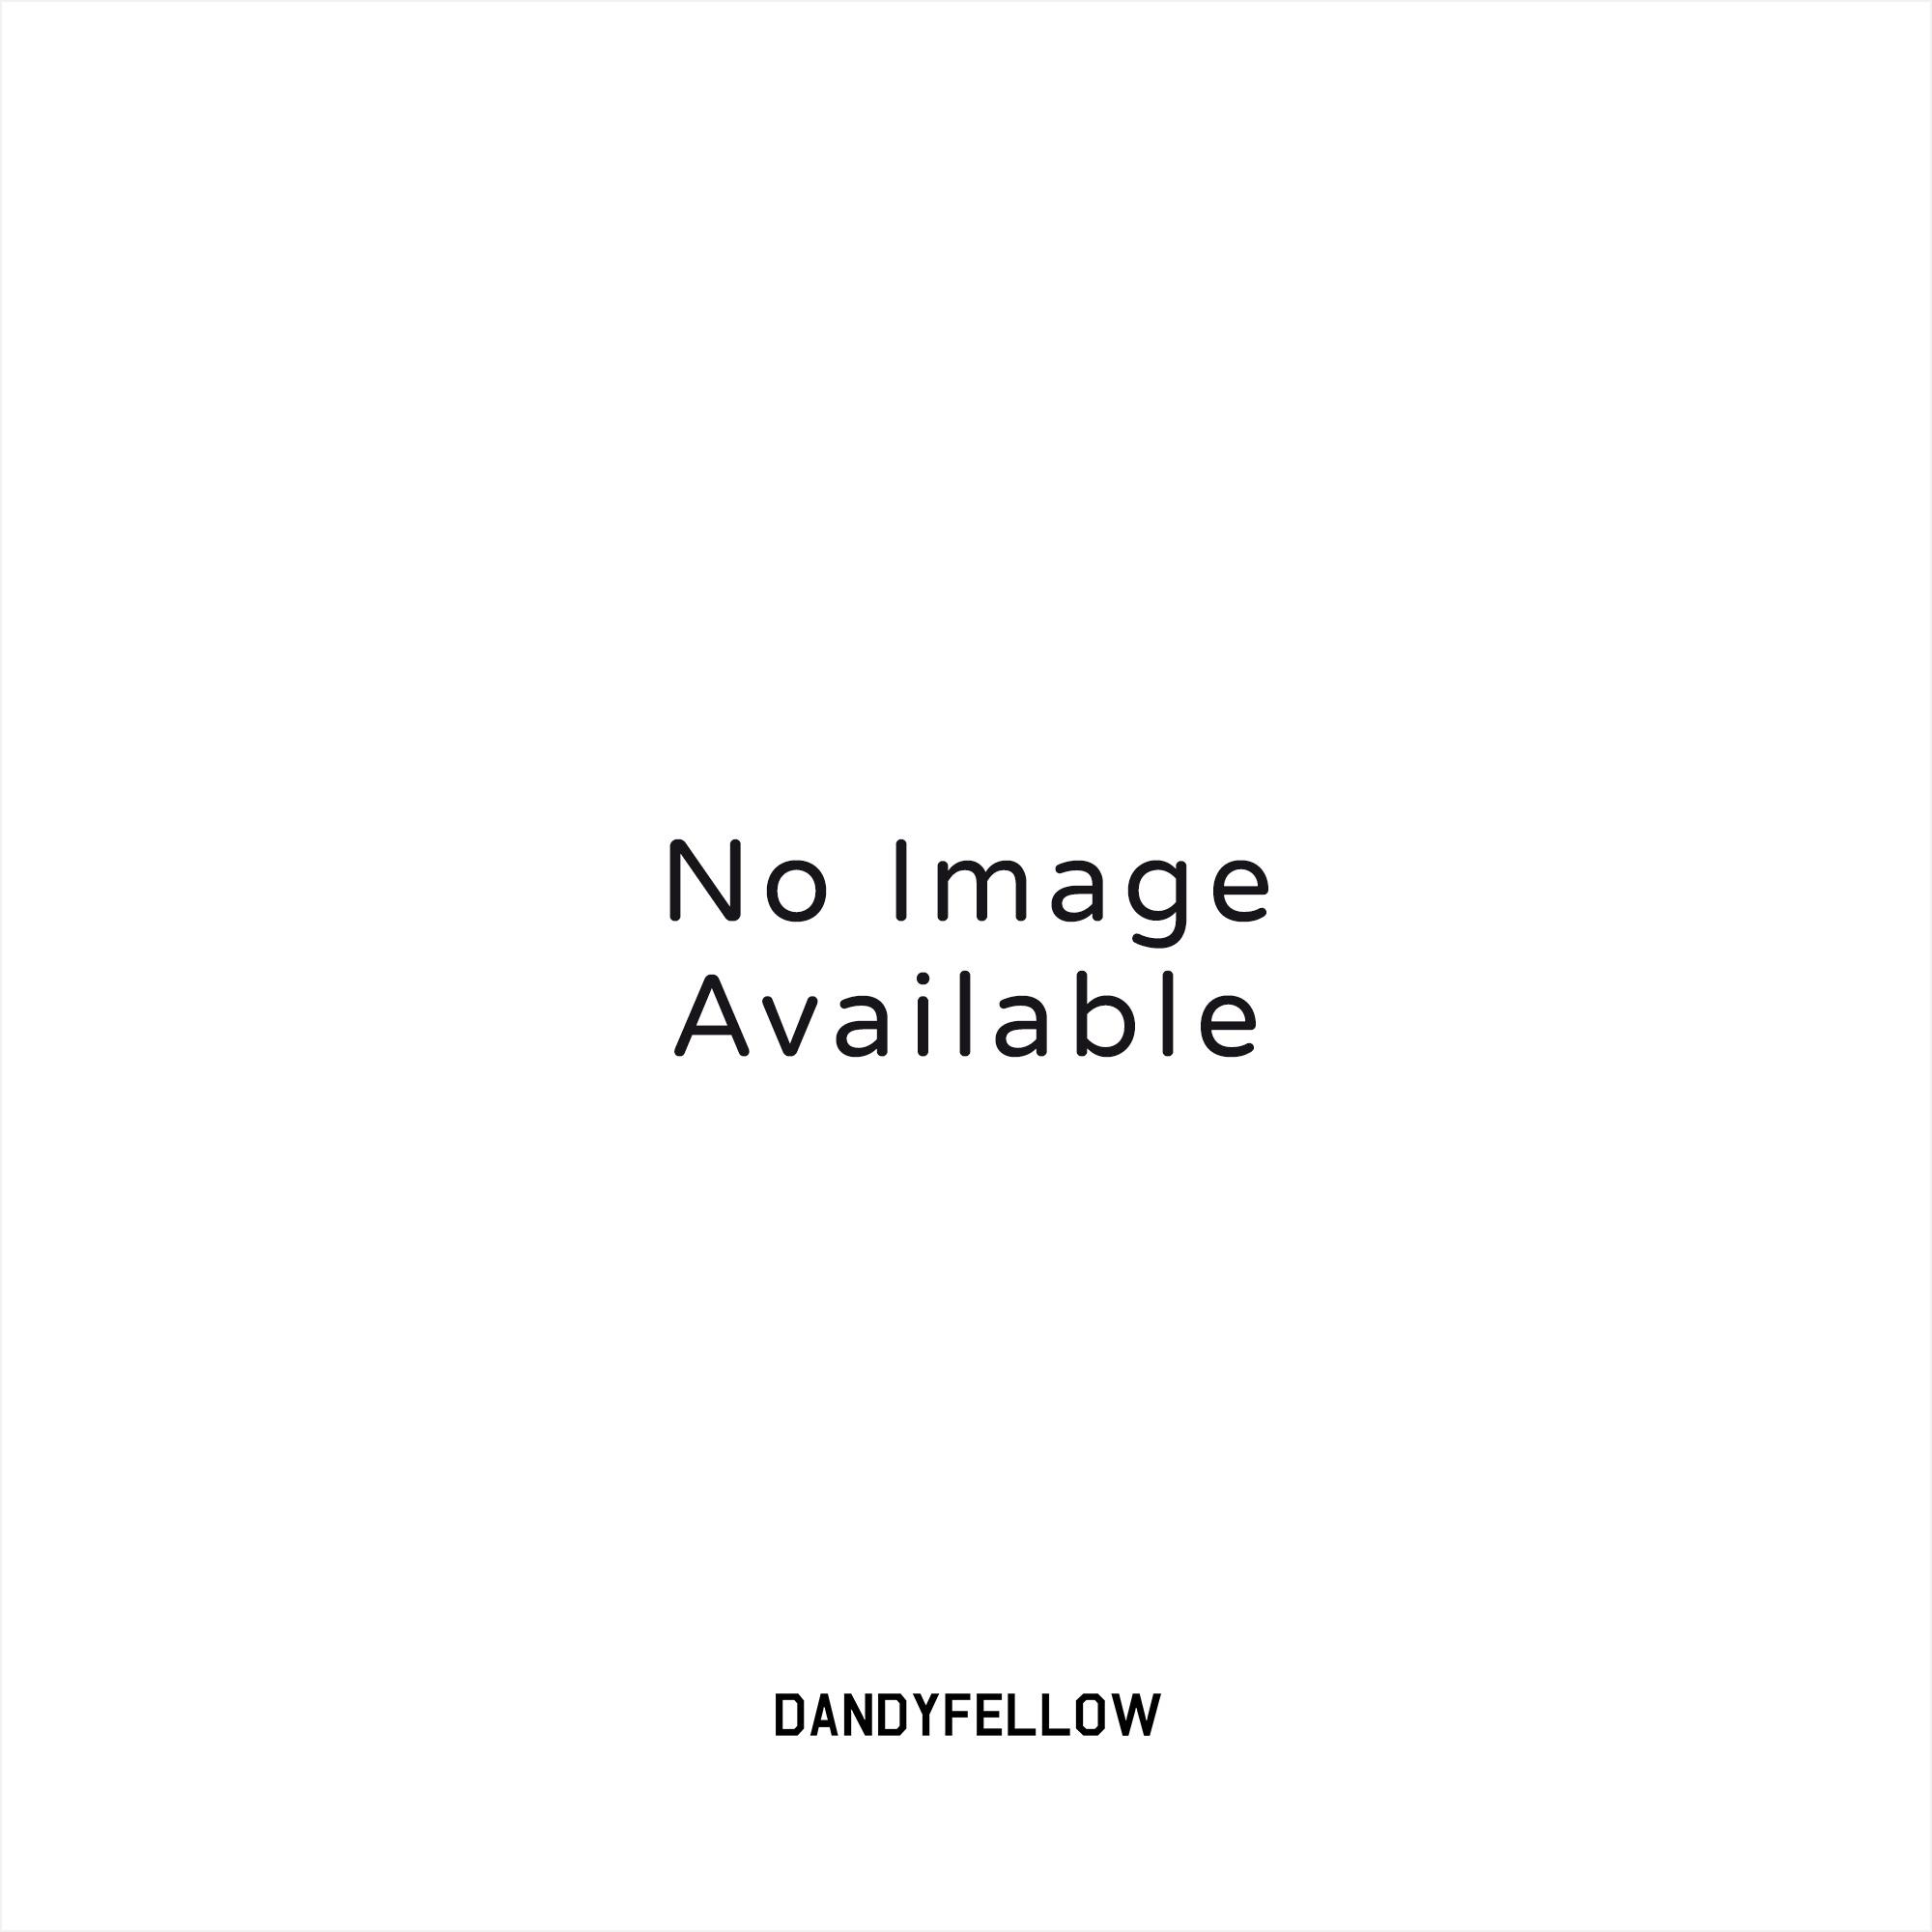 szczegóły największa zniżka najlepiej online Lacoste Lacoste Bord Cotes Striped Polo Shirt PH2068 00FUJ